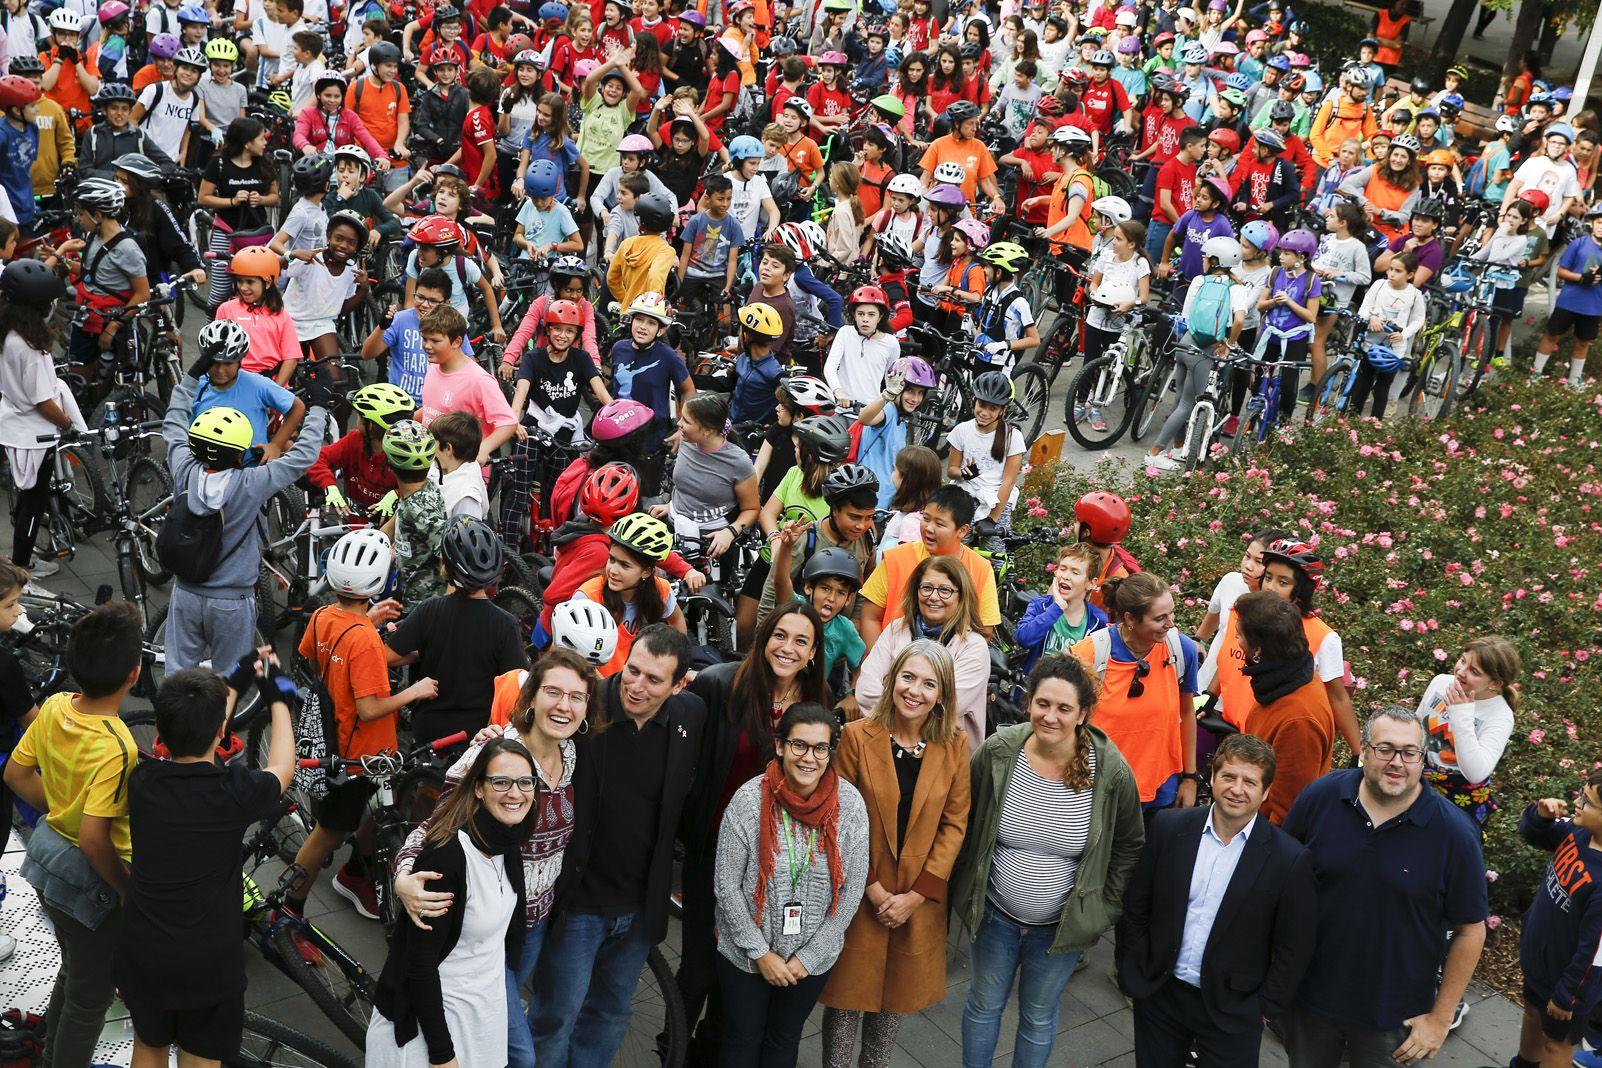 Bicicletada escolar de les escoles de Sant Cugat. Foto: Yves Dimant